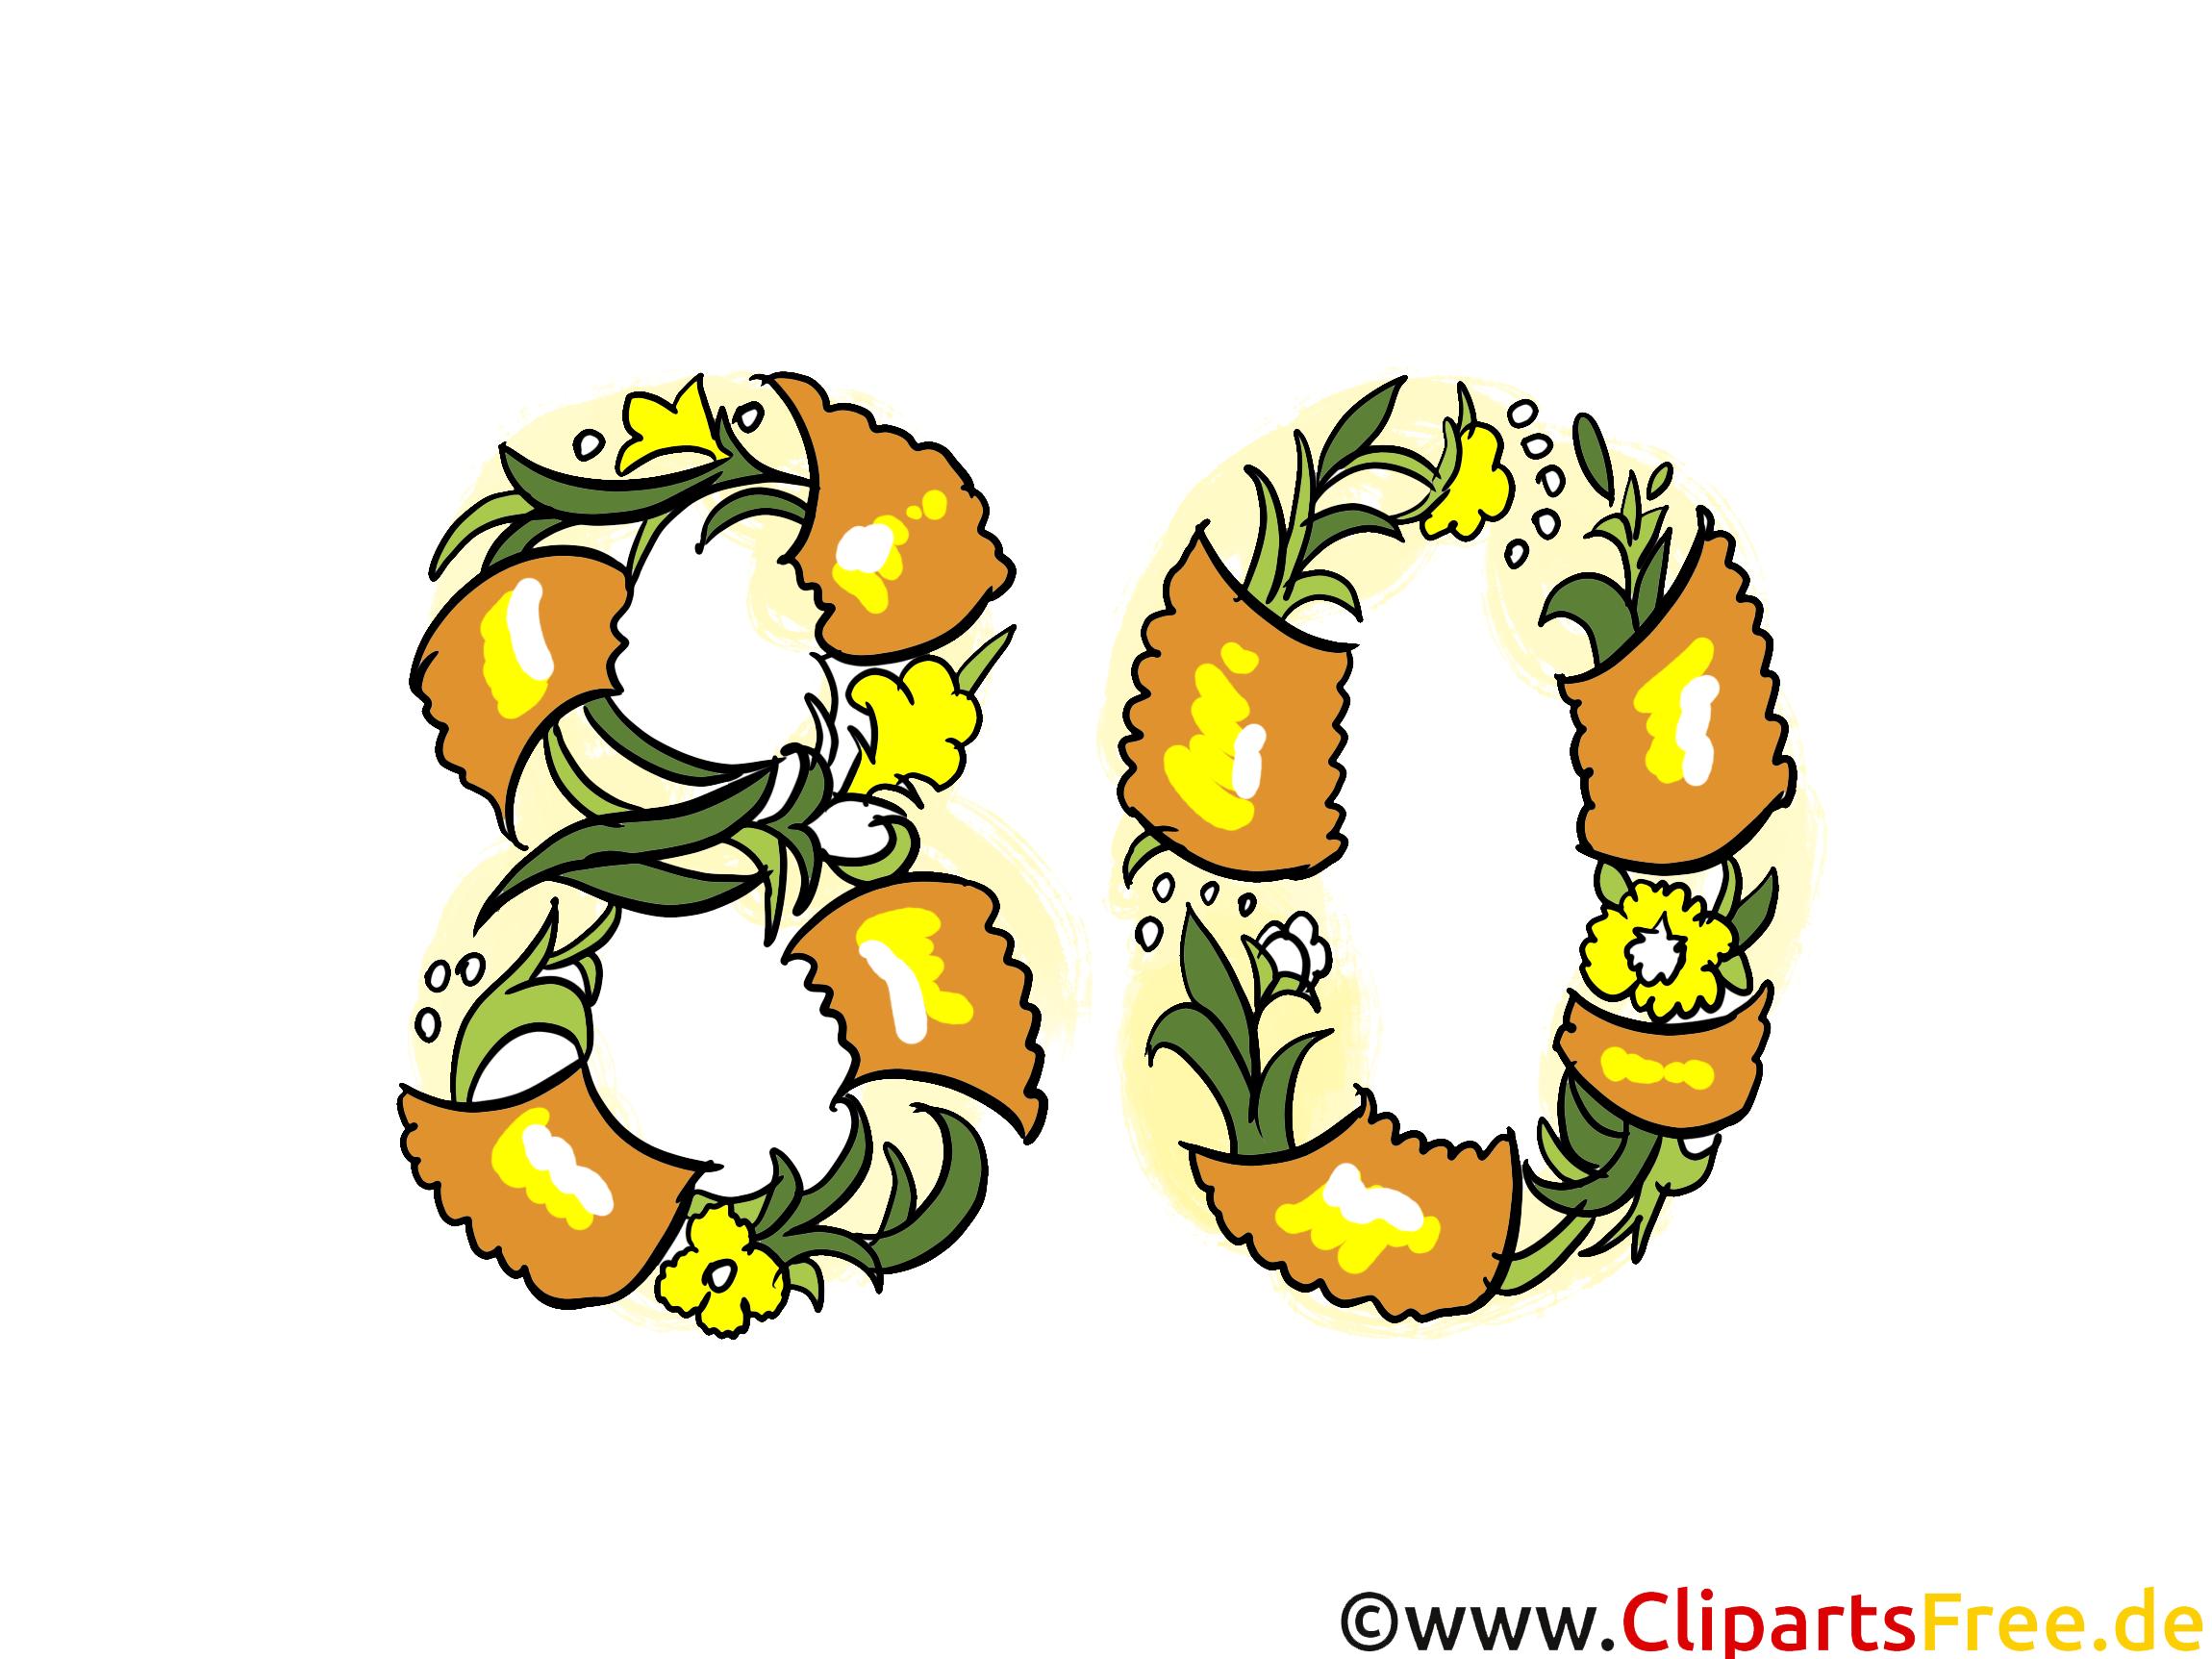 80 ans image gratuite anniversaire cliparts anniversaire dessin picture image graphic - Image pour anniversaire gratuite ...